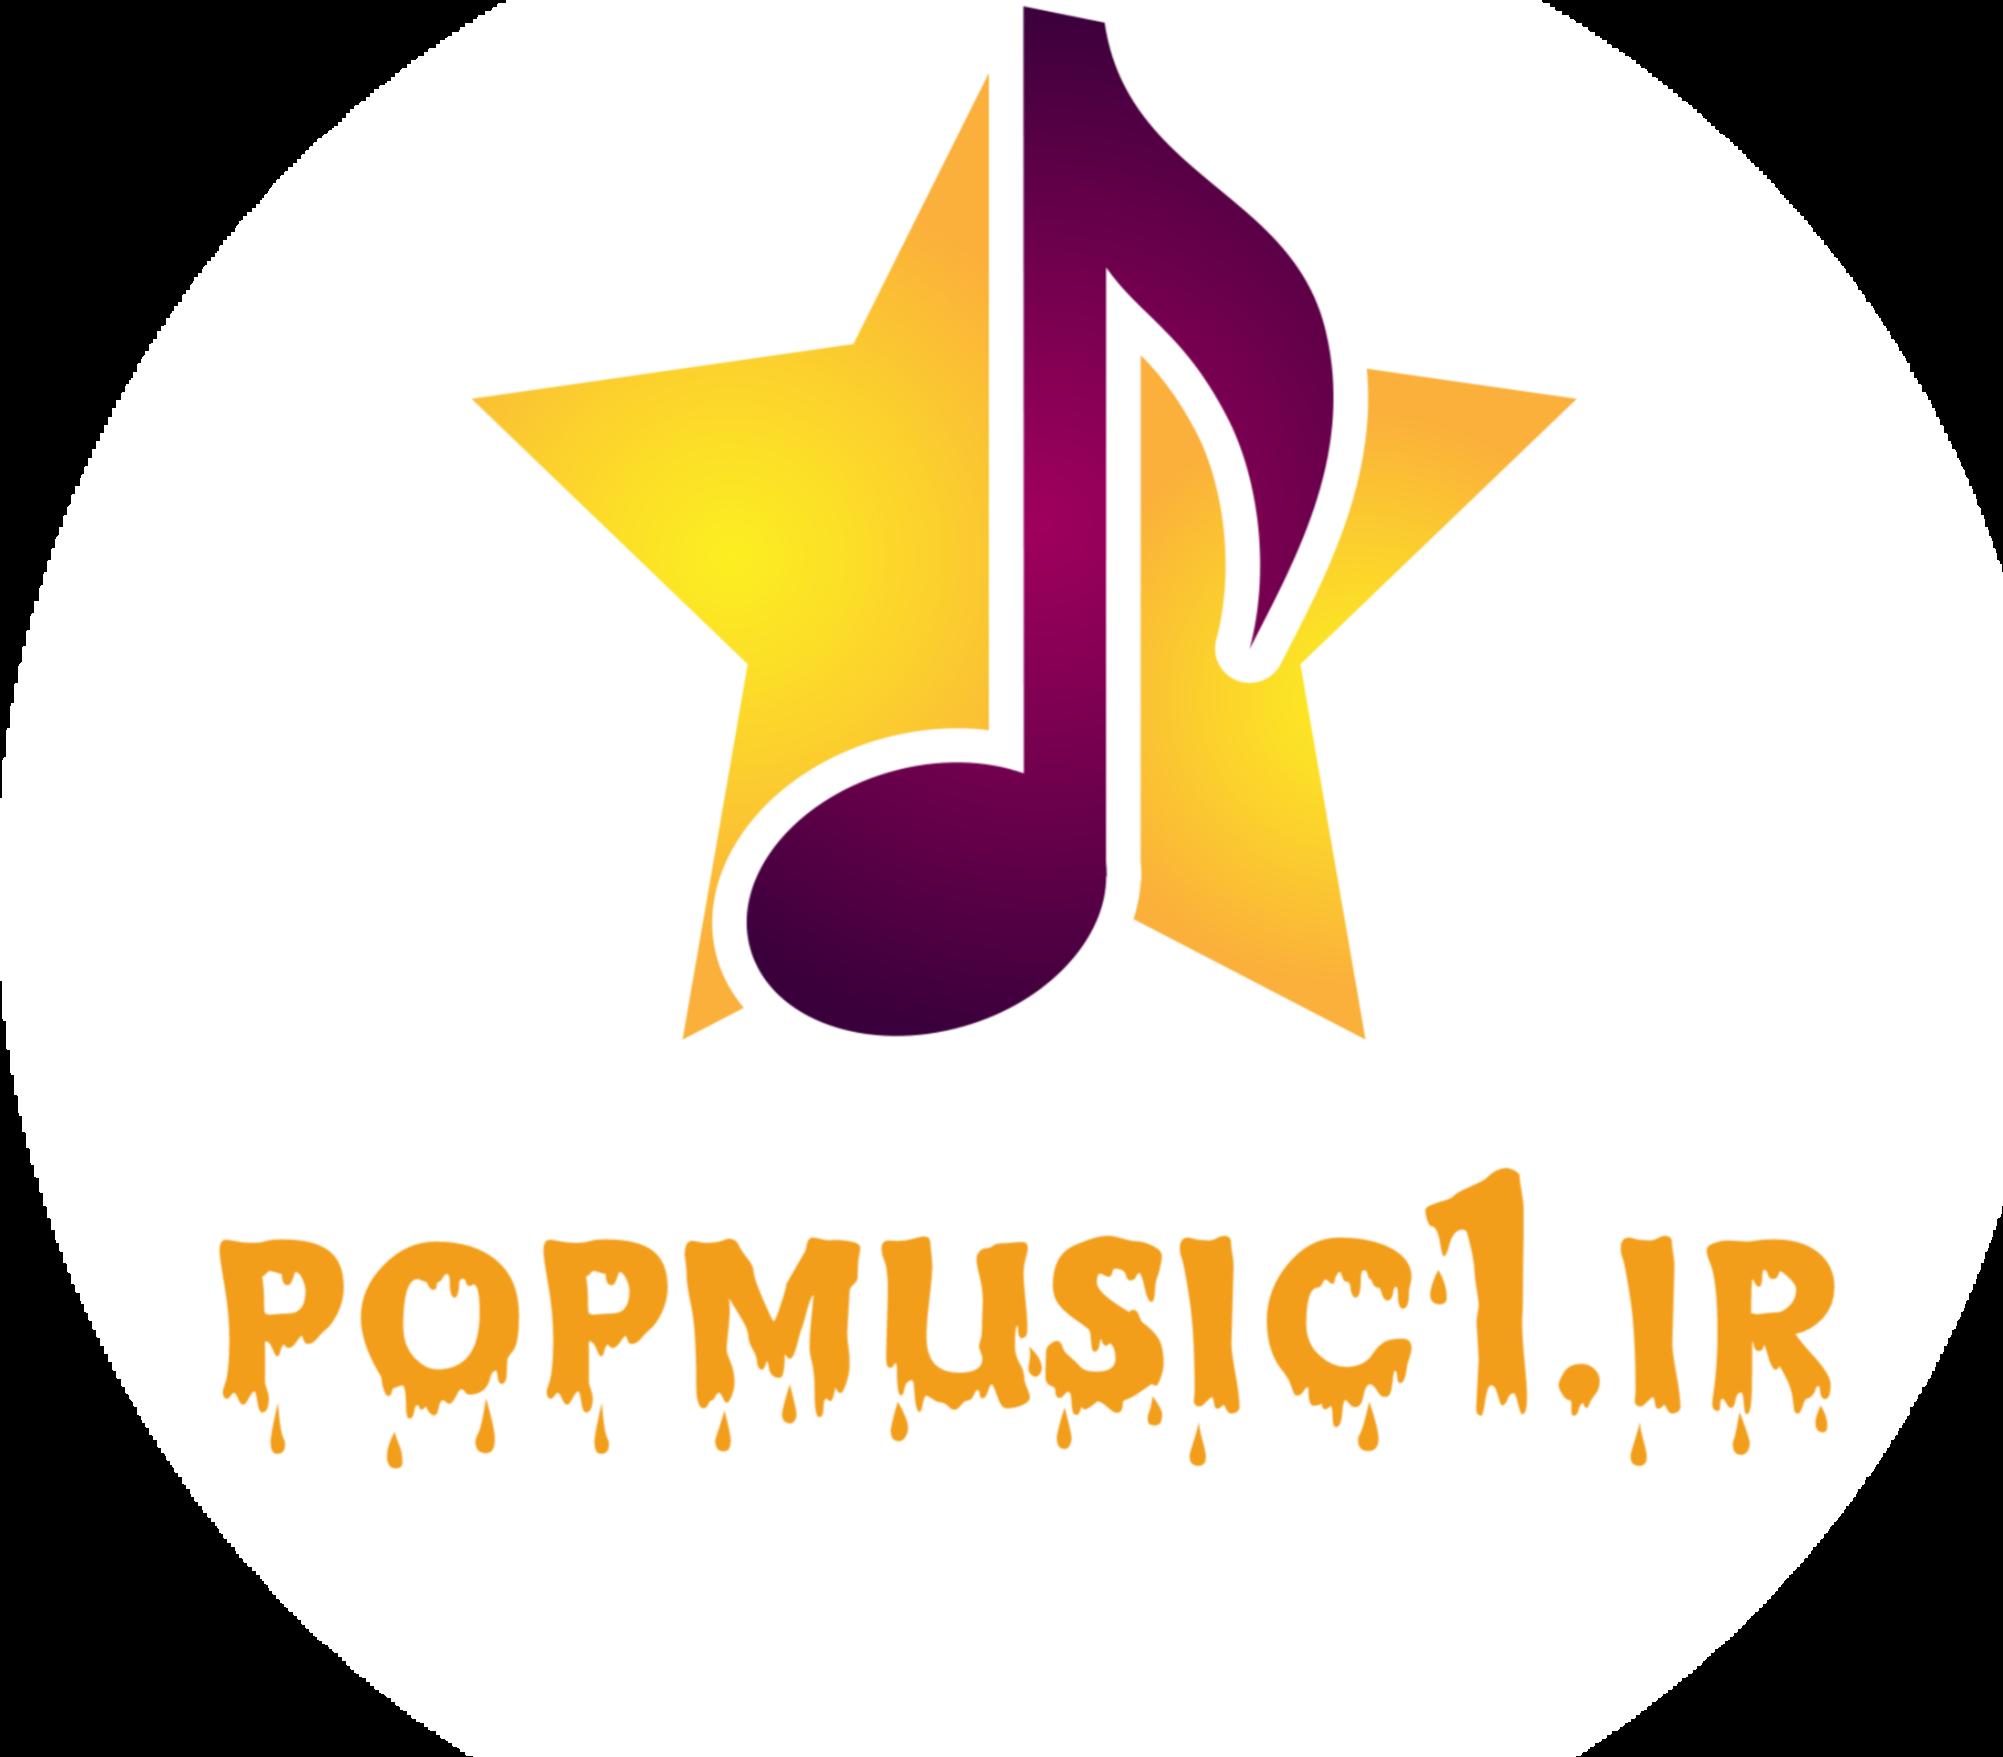 ریمیکس جم عربیا ۳ دی جی مای